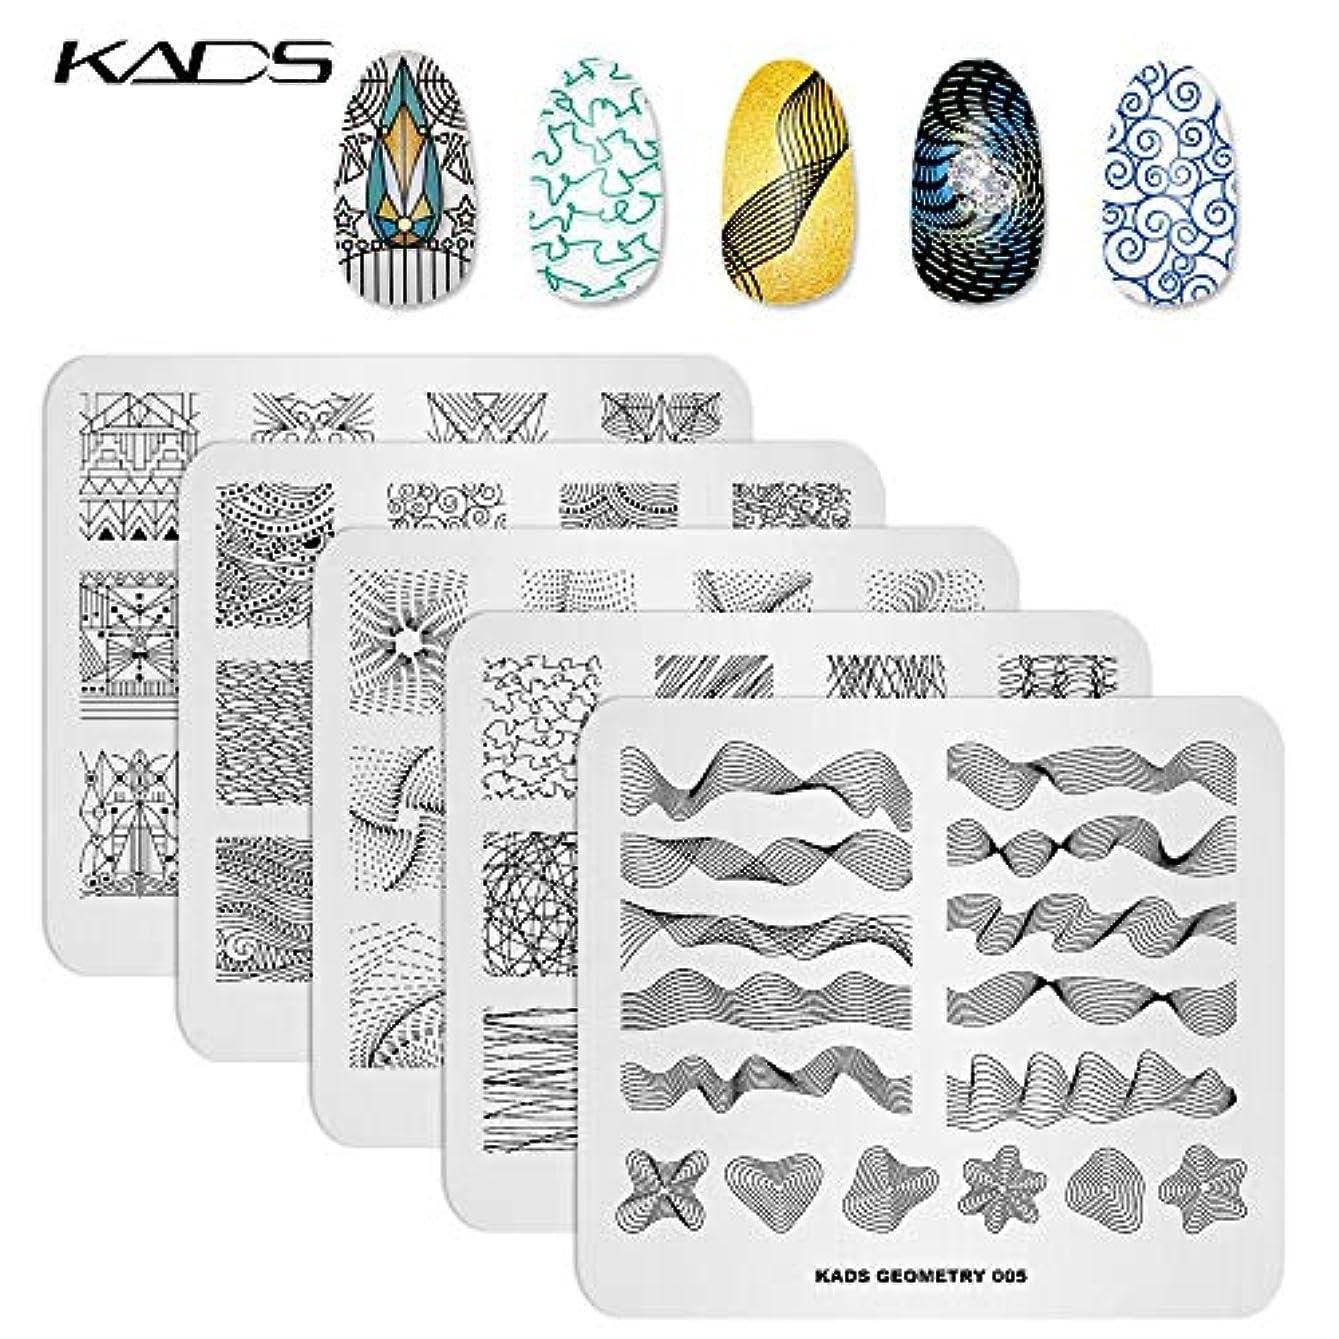 宇宙の大佐動物KADS スタンピングプレート5枚セット 美しい花柄/ライン/不規則図案 ネイルステンシル ネイルアートツール ネイルデザイン用品 (セット4)